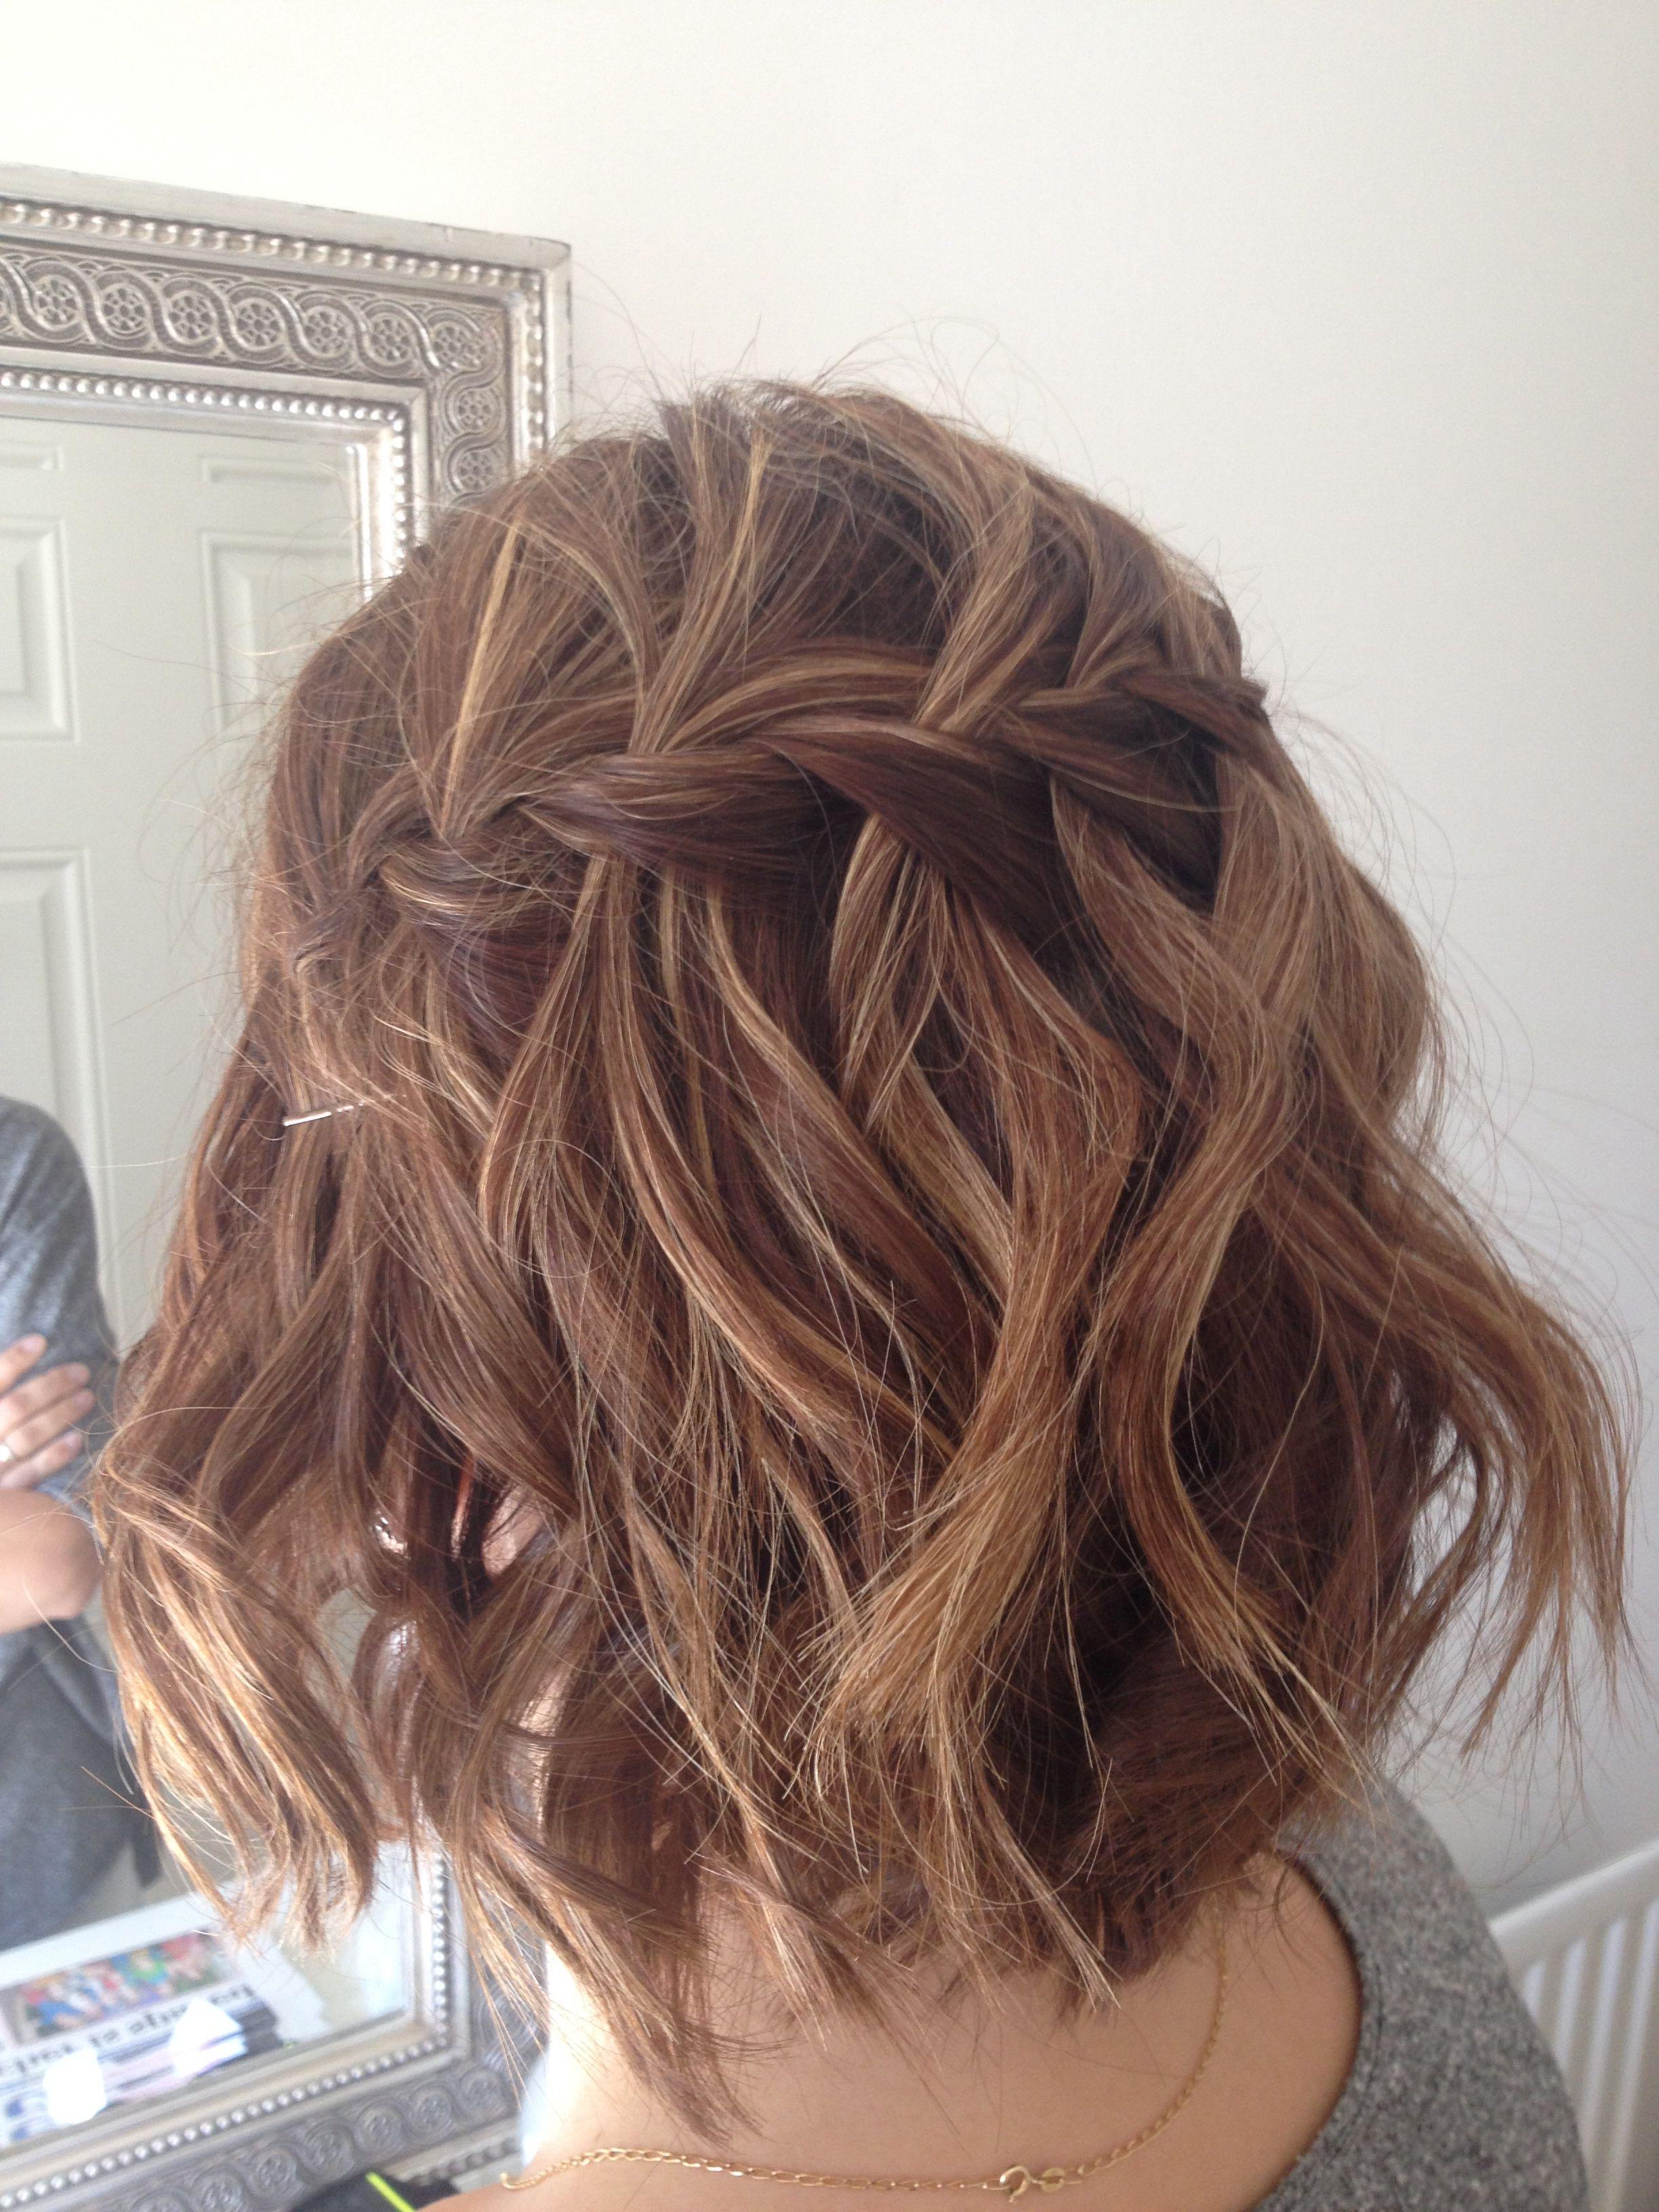 LISA BROWN anythings possible if u just beweave  Hair  Pinterest